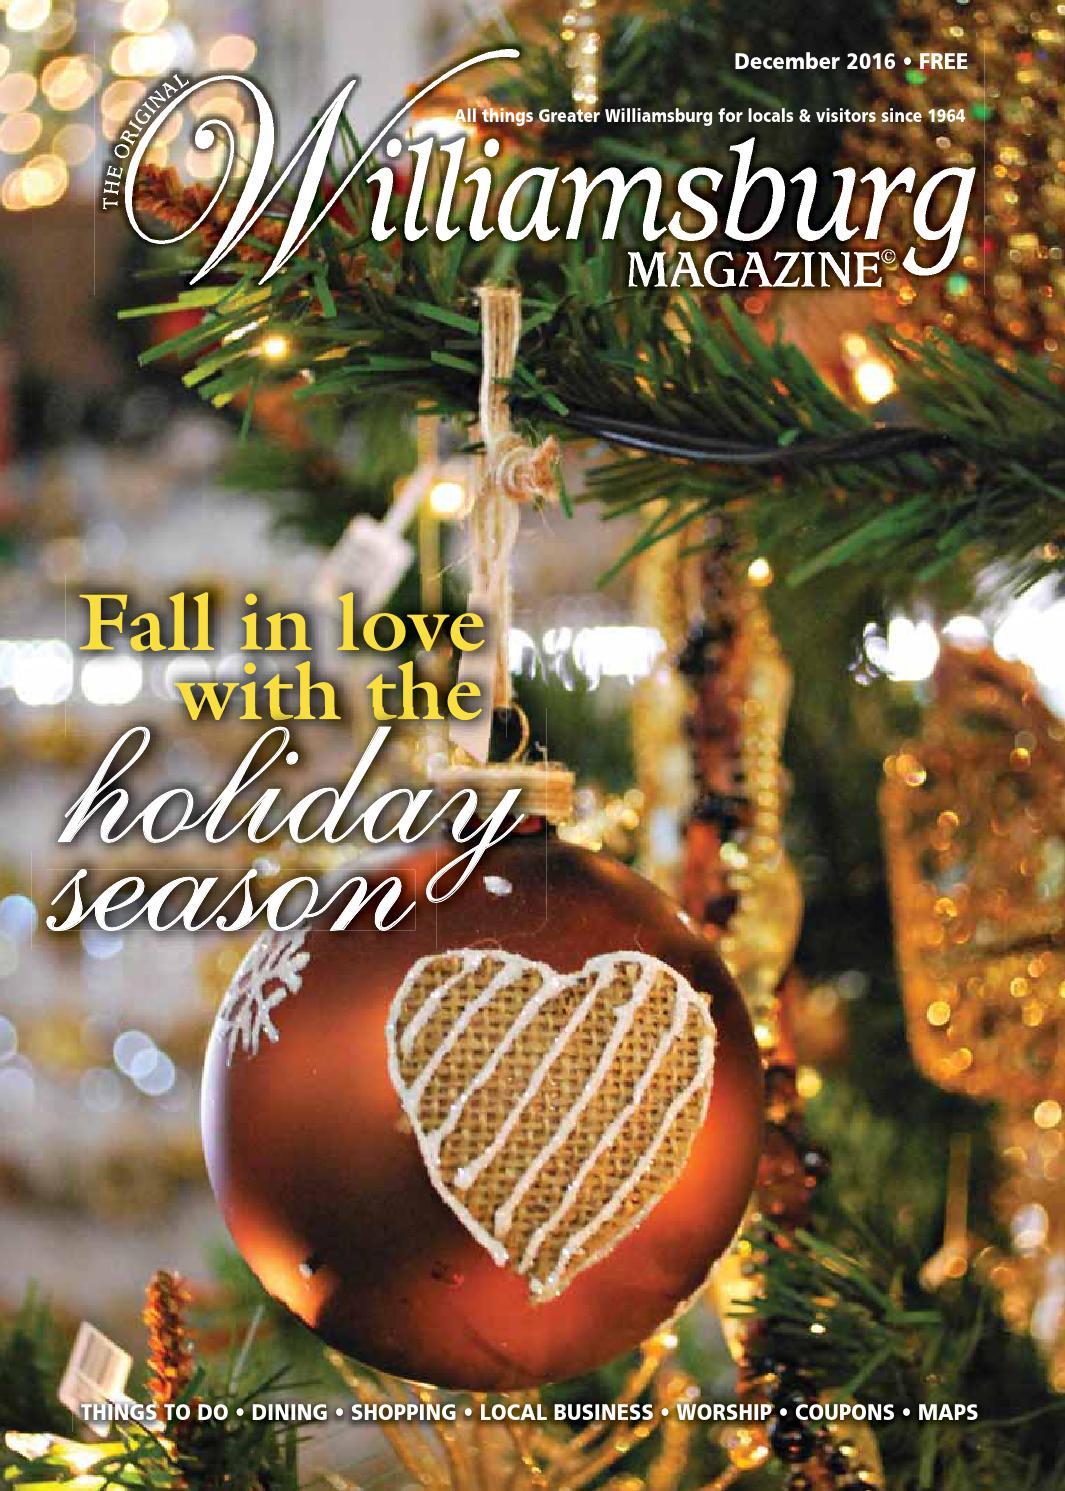 December 2016 Williamsburg Magazine by The Virginia Gazette - issuu